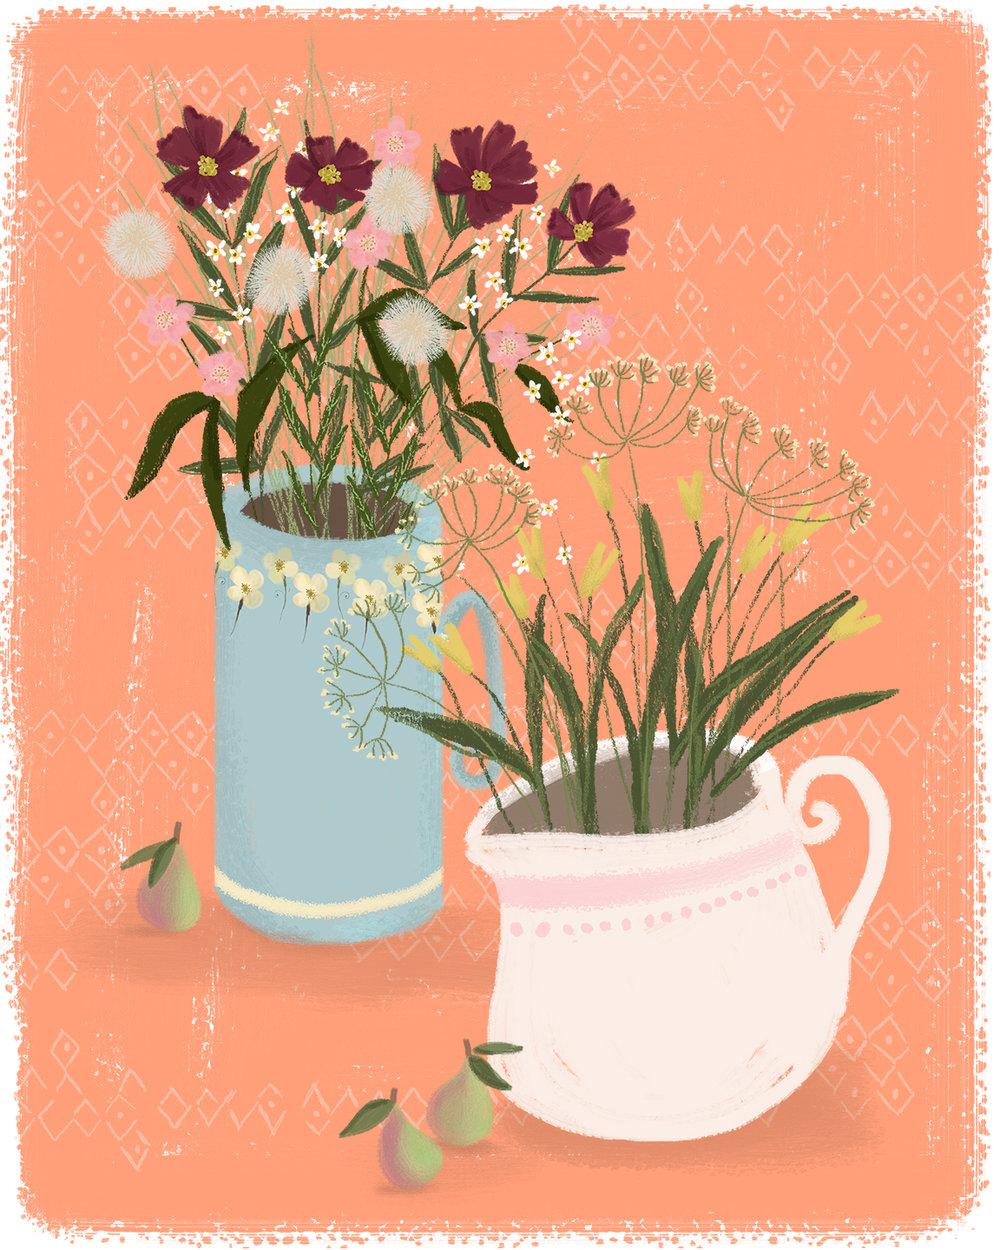 SL_JL0005_WildflowerVase5_RF.jpg